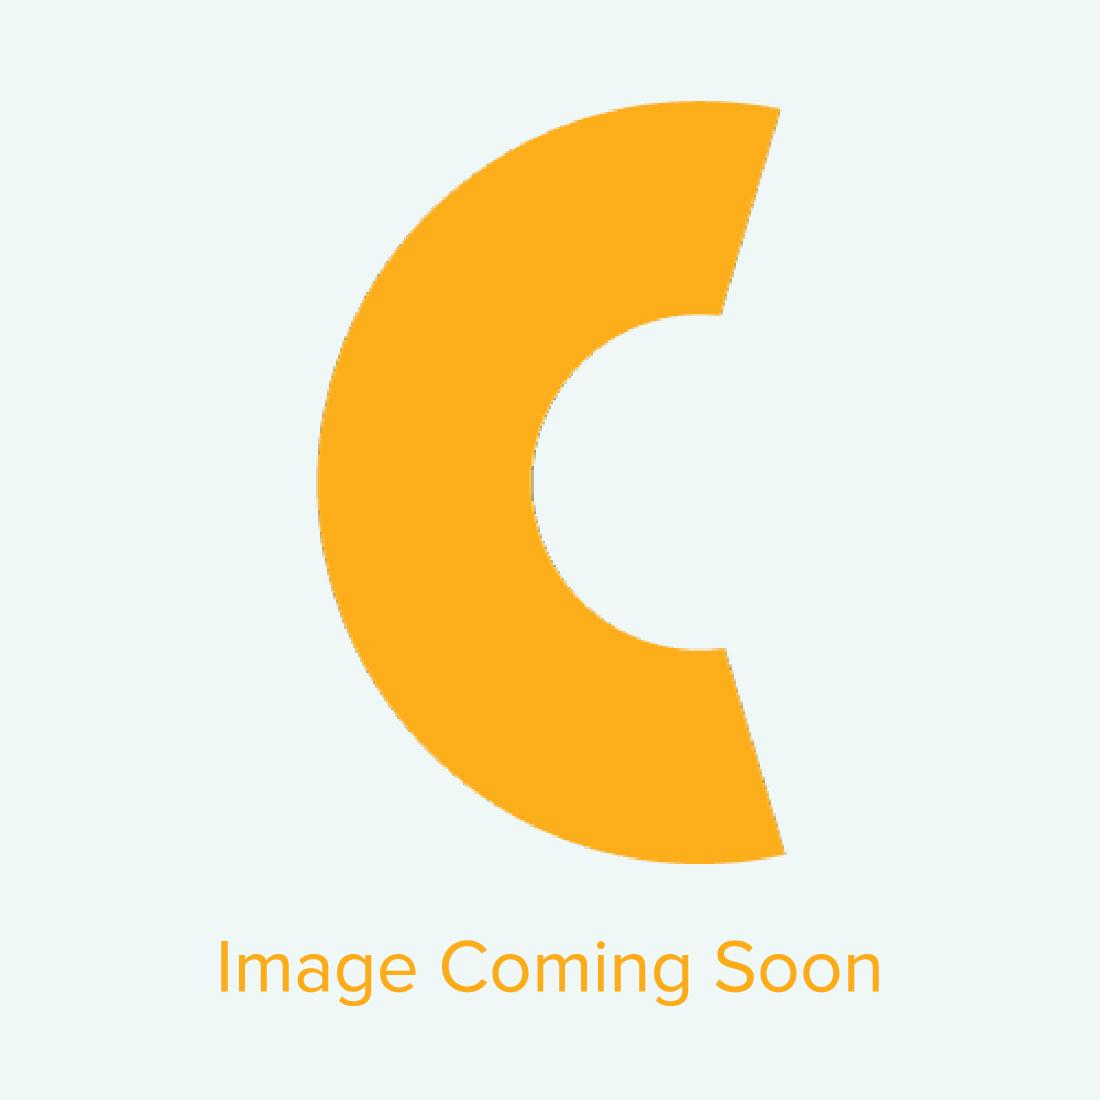 Bella M/C SS16 Heat Fix Rhinestones-RHINE - Green - GRN-SS16 - CLEARANCE